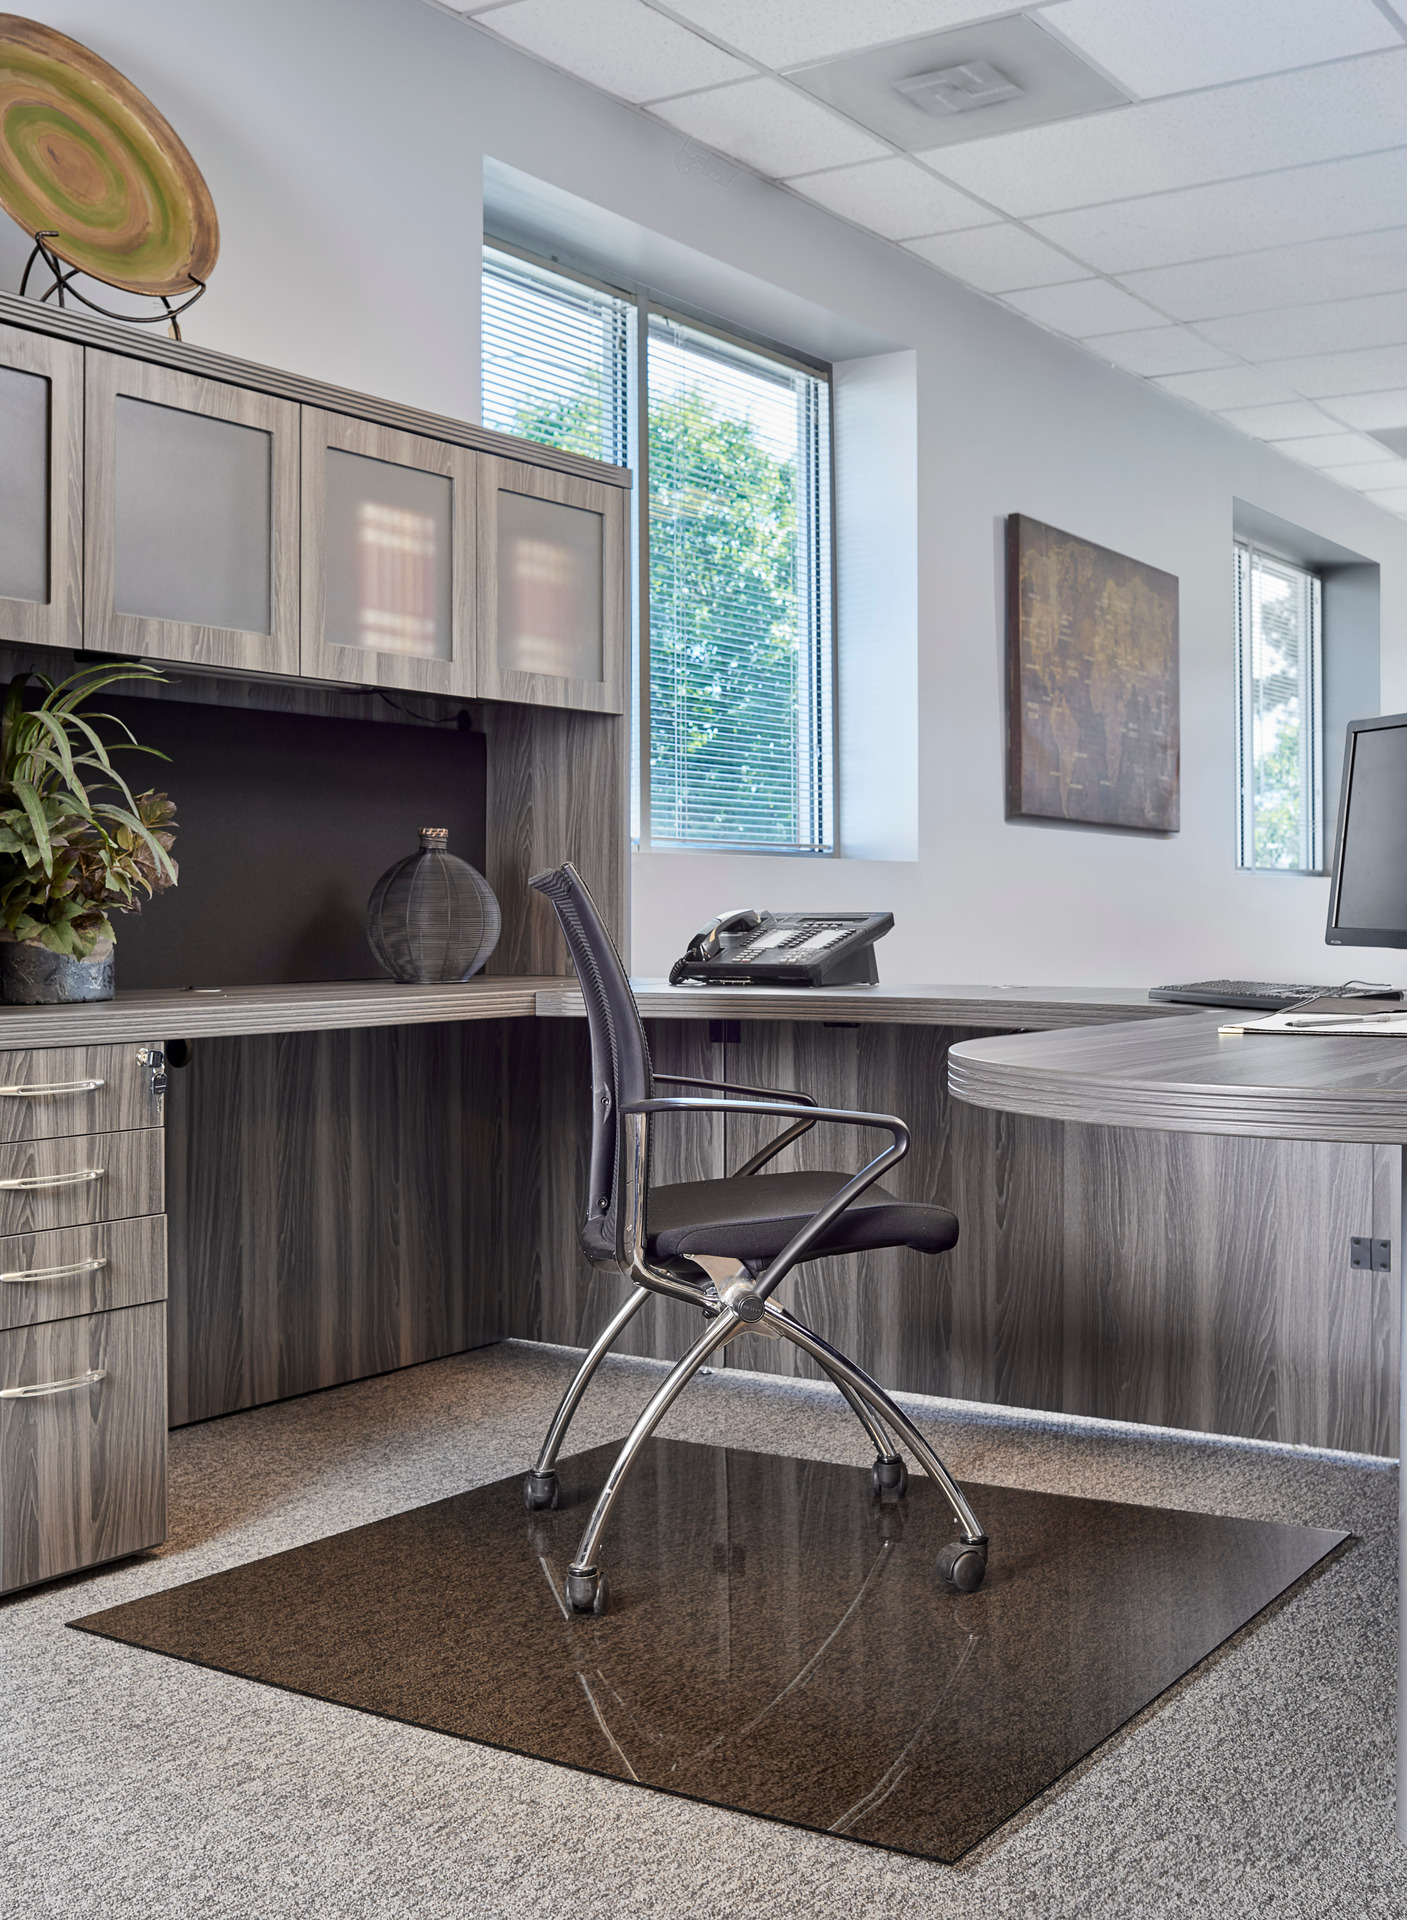 Seen here is Denver Glass Interiors Moltin Glass Chair Mat in a standard bronze tint.